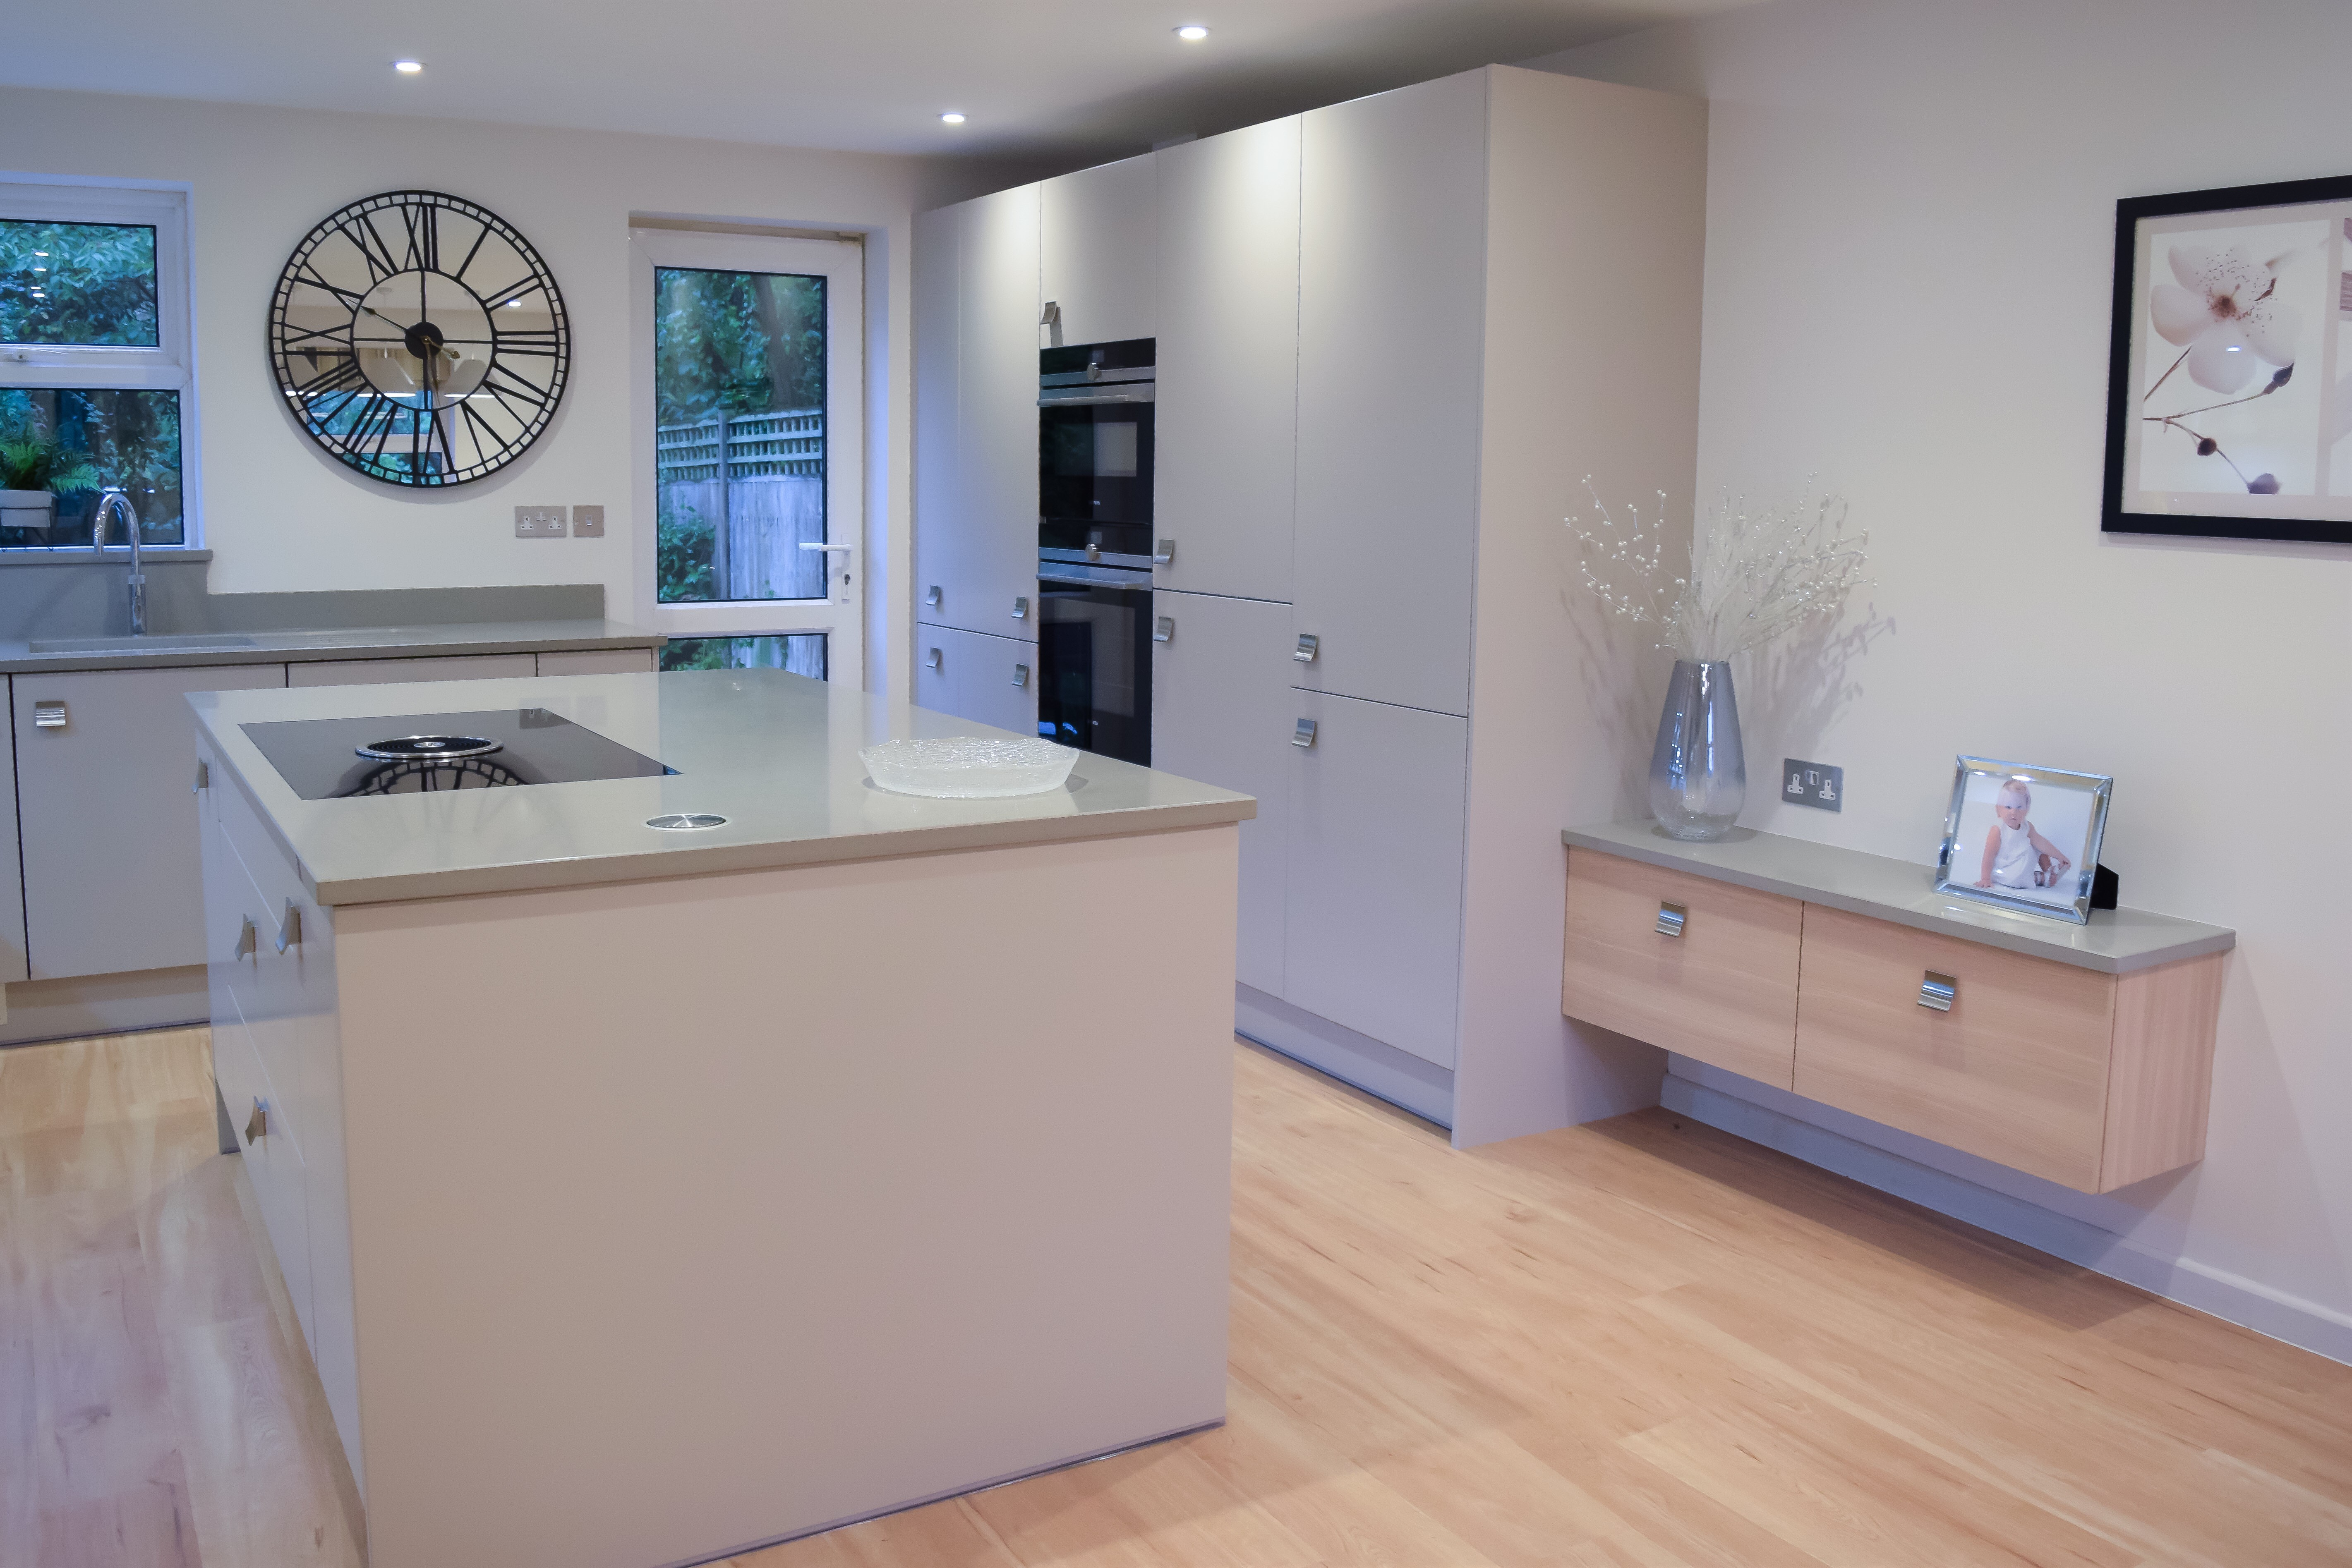 Bespoke Kitchens Southampton